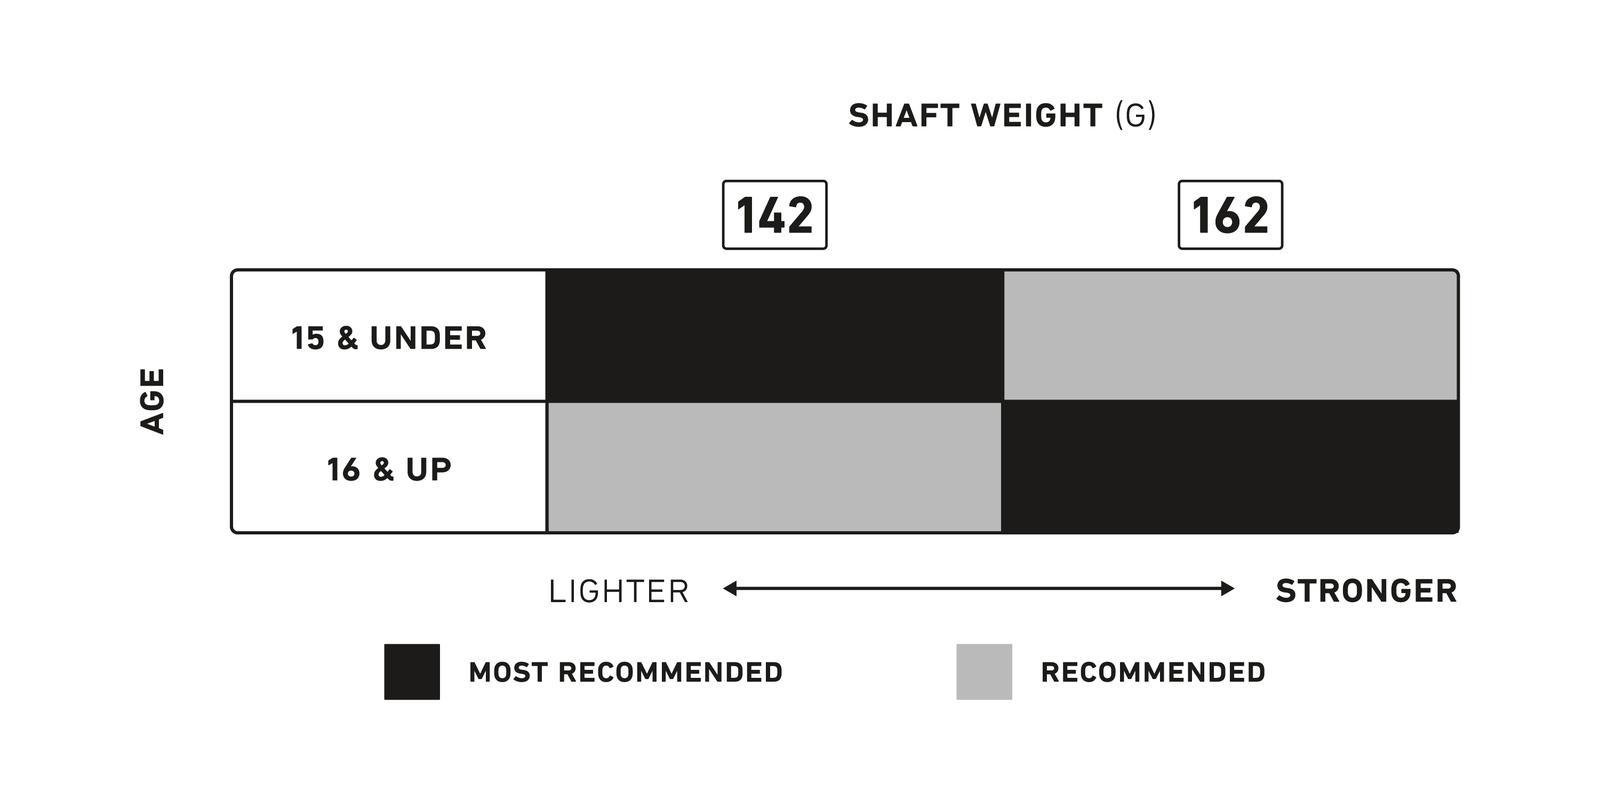 Men's Metal 3 Pro Lacrosse Goalie Shaft Feature Value Comparison Chart